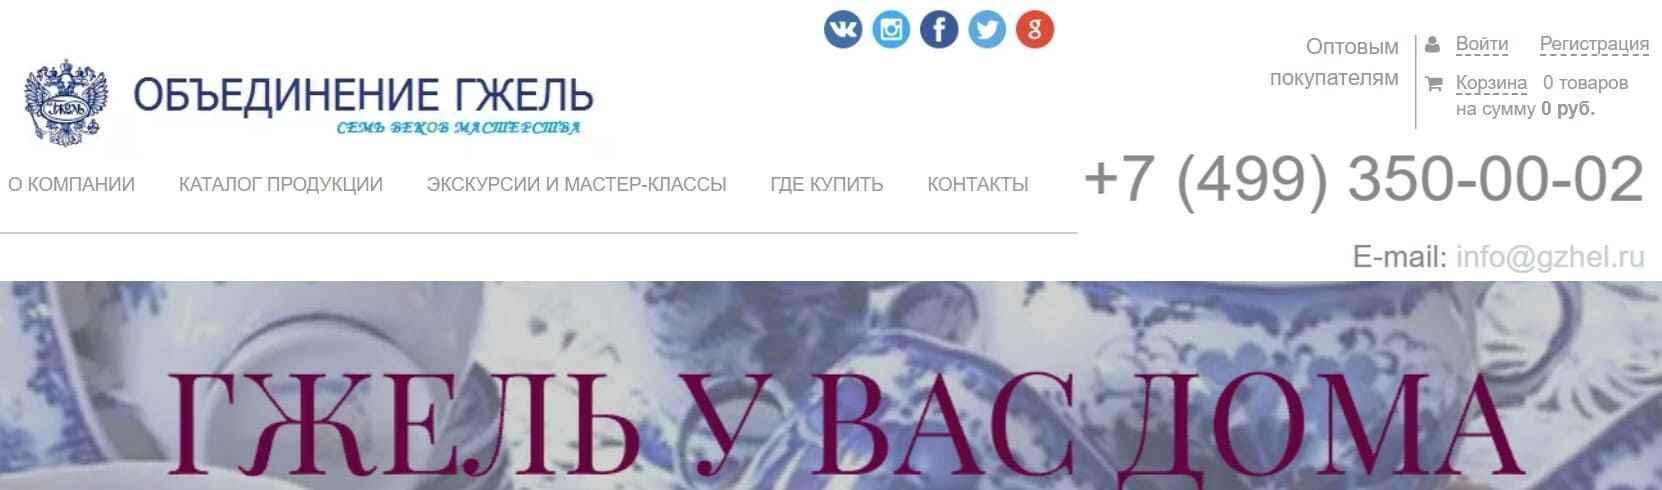 Фарфоровый завод Гжель личный кабинет